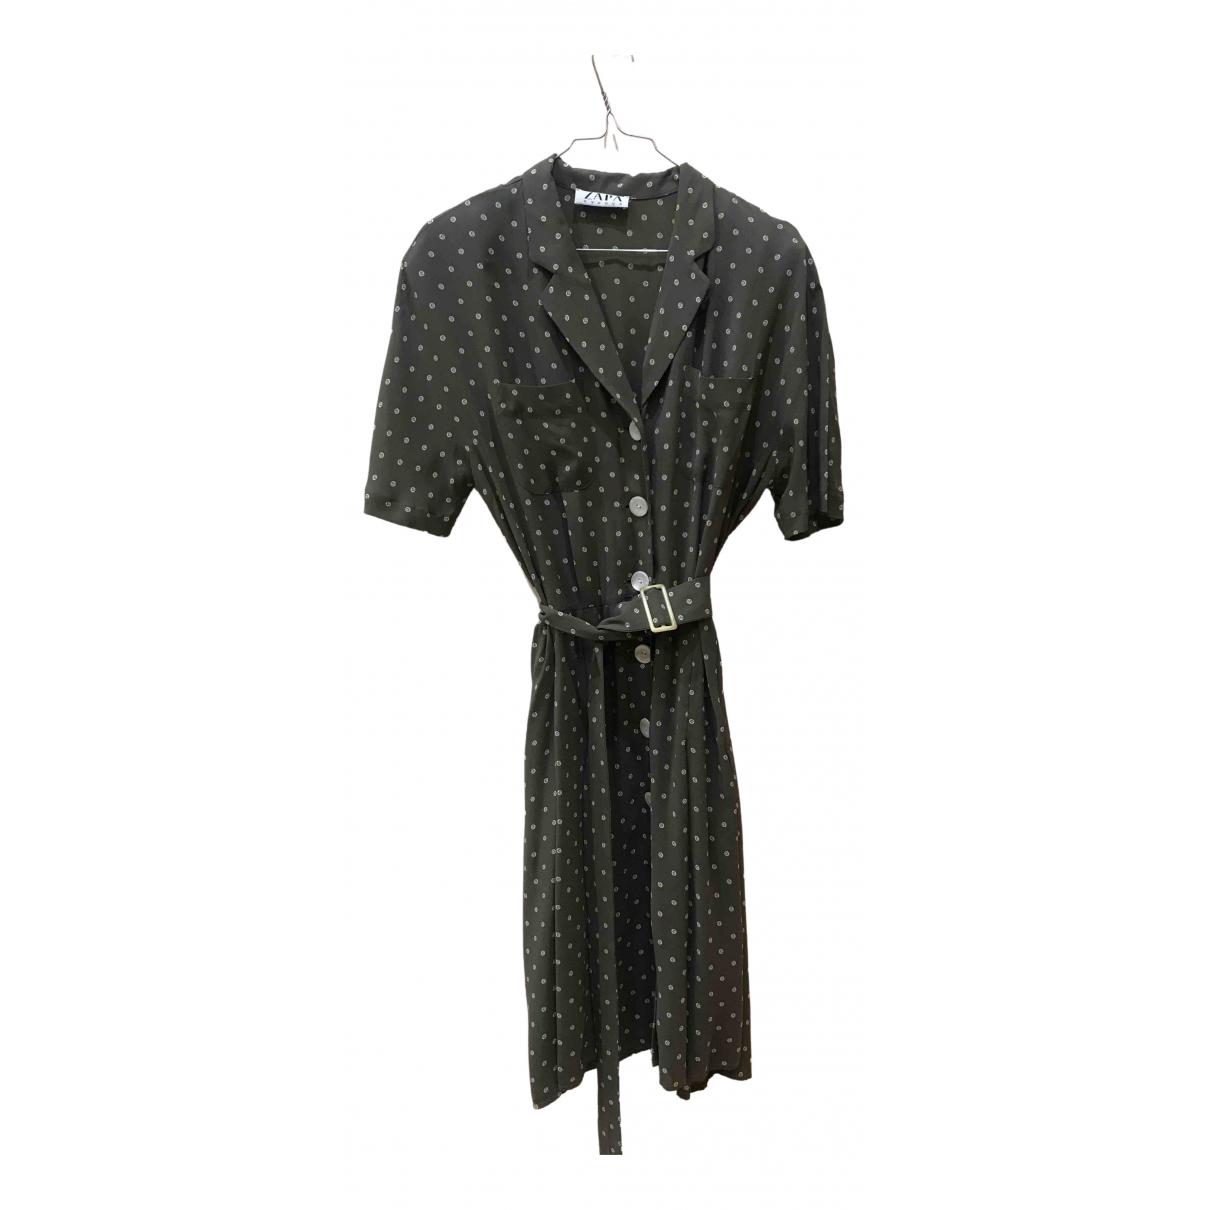 Zapa - Robe   pour femme en coton - elasthane - vert